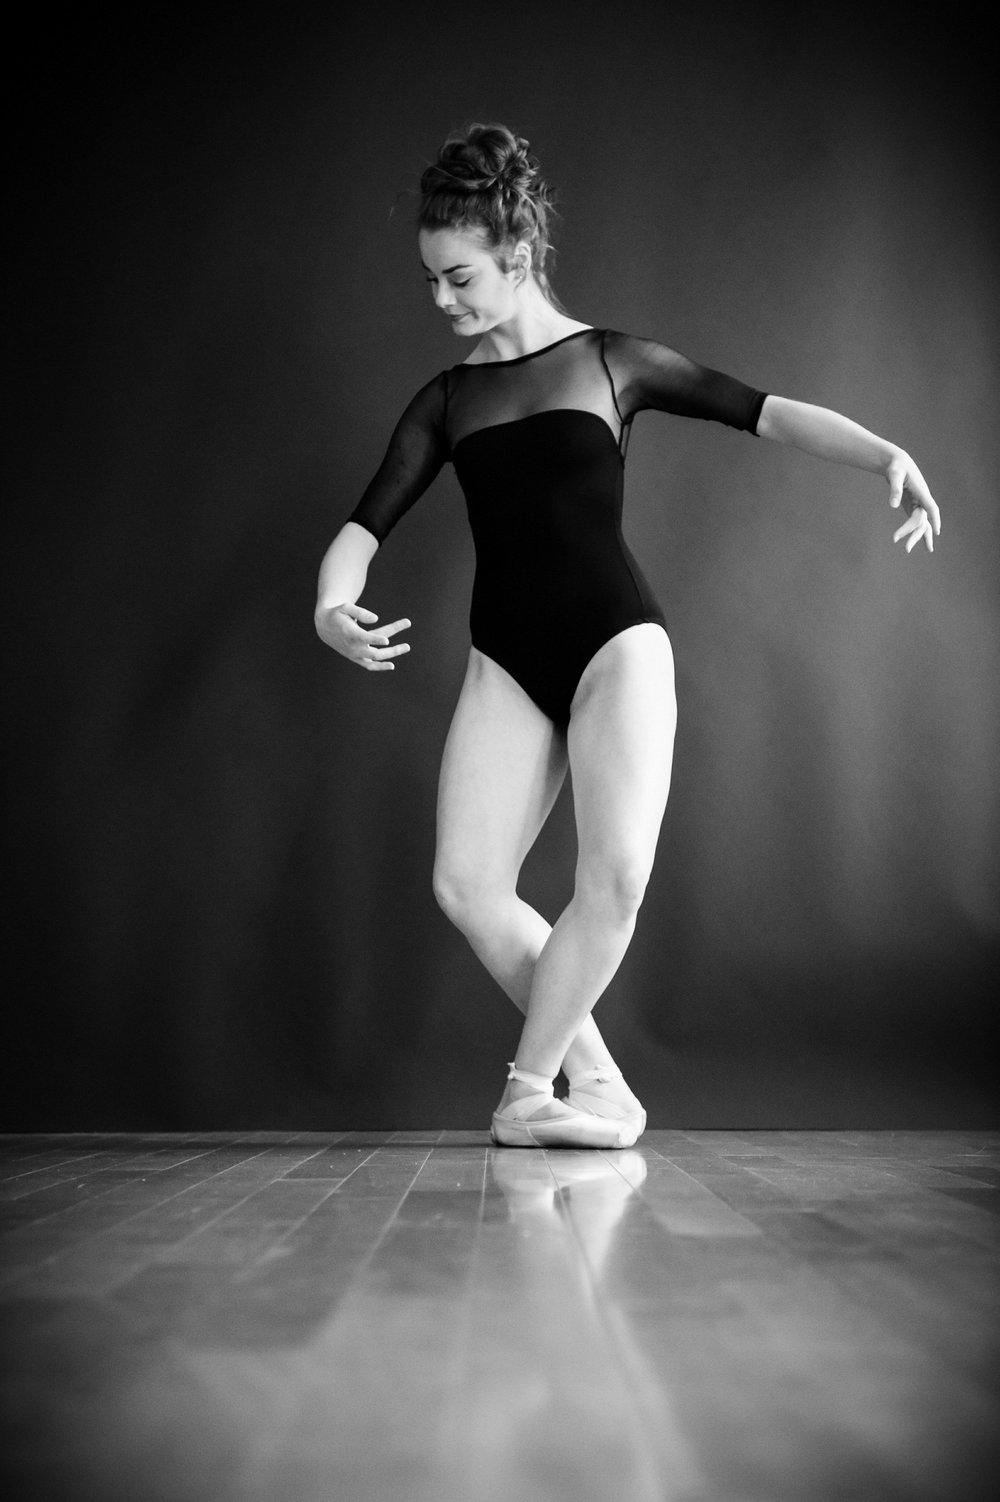 nEO_IMG_Marissa Dance-34-BW.jpg